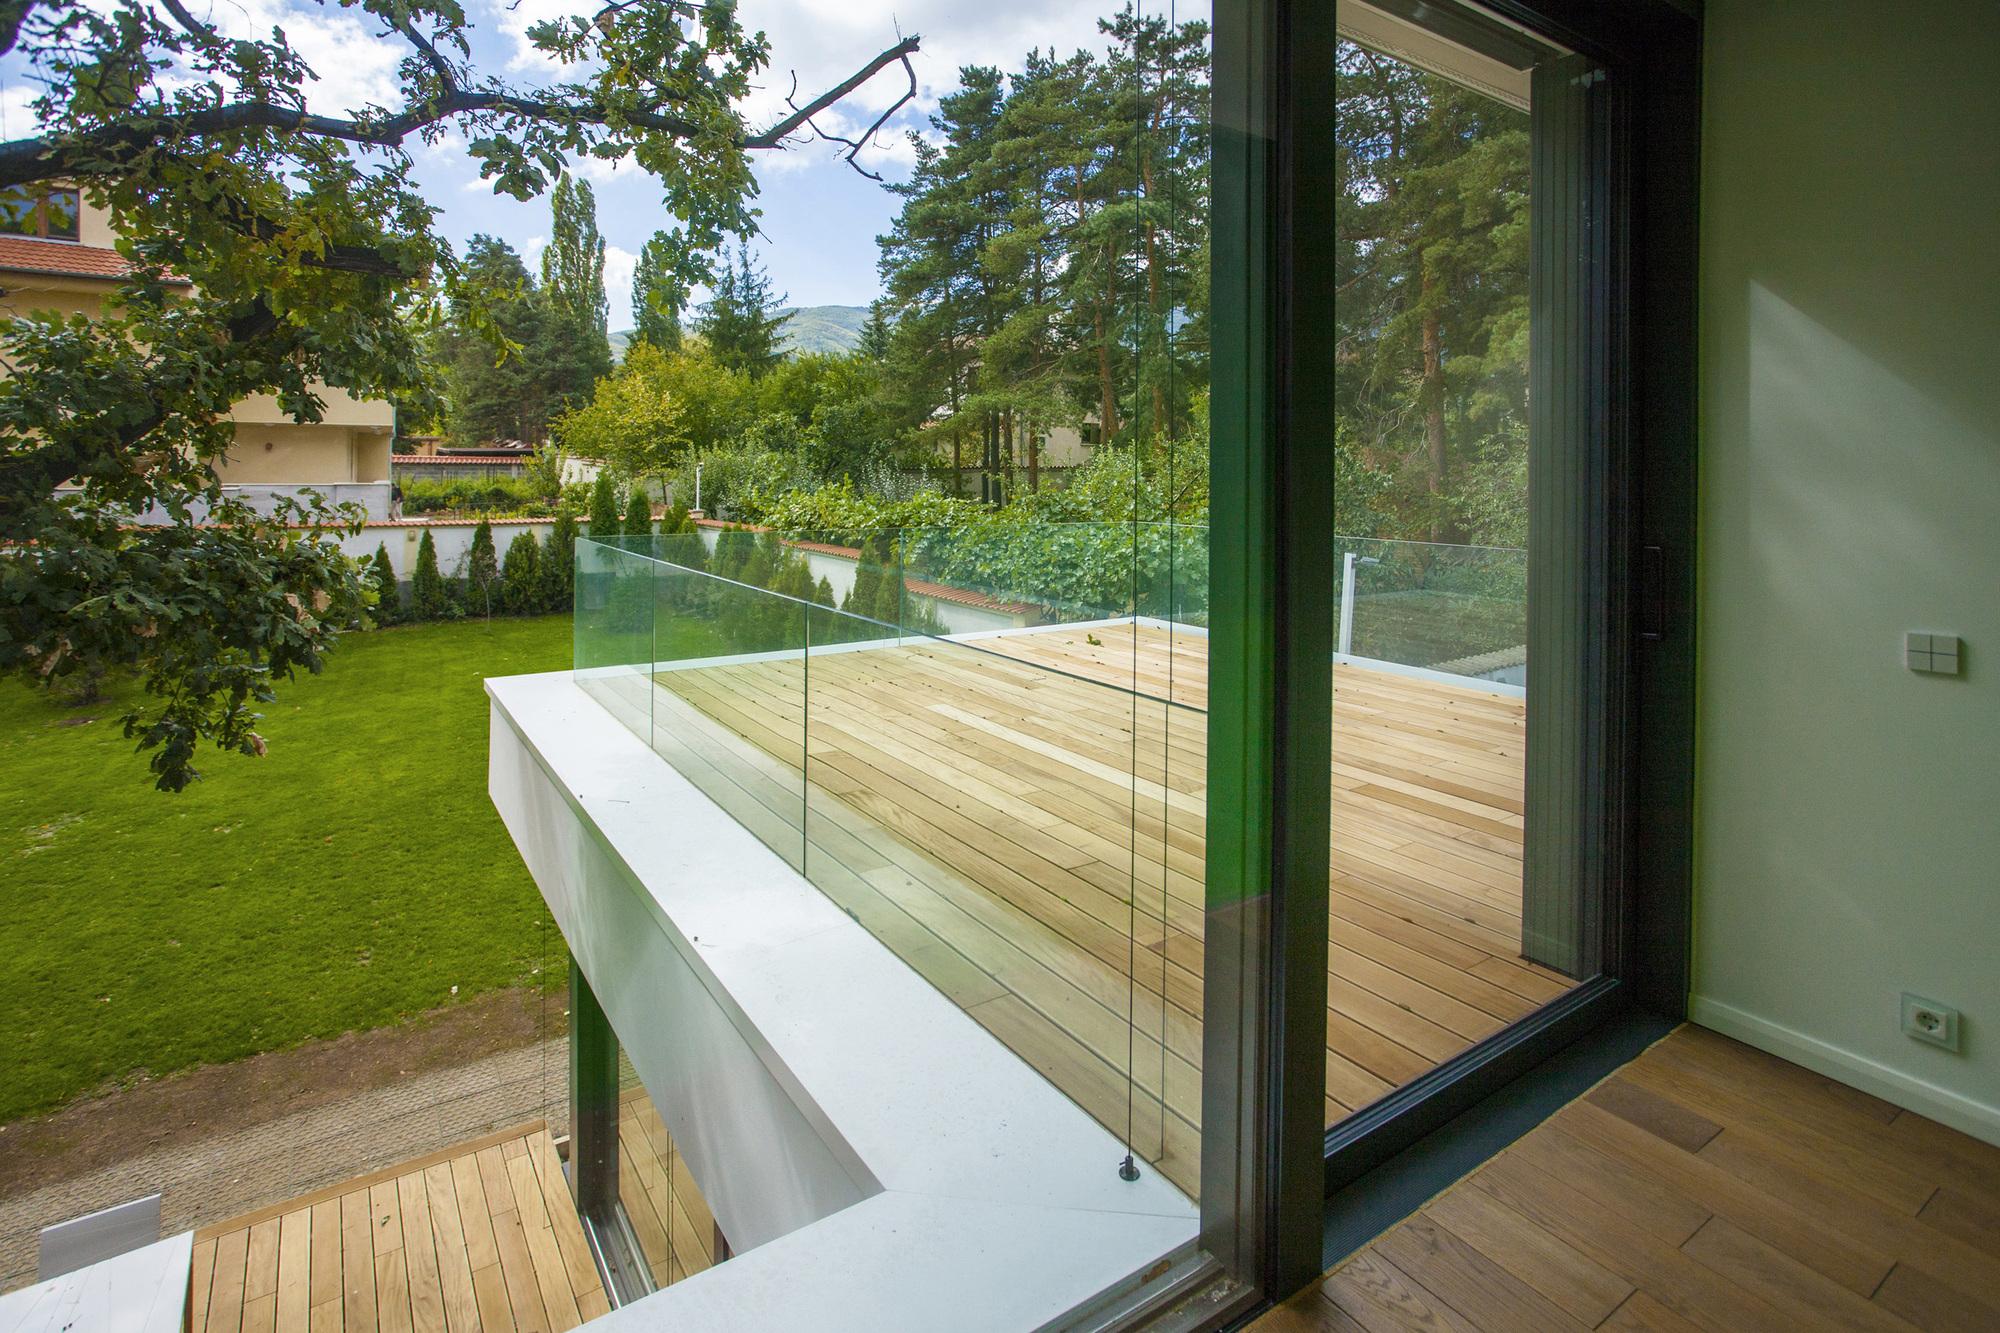 2-oaks-house-obia_obia_2oaks_image_10_alumina_elit